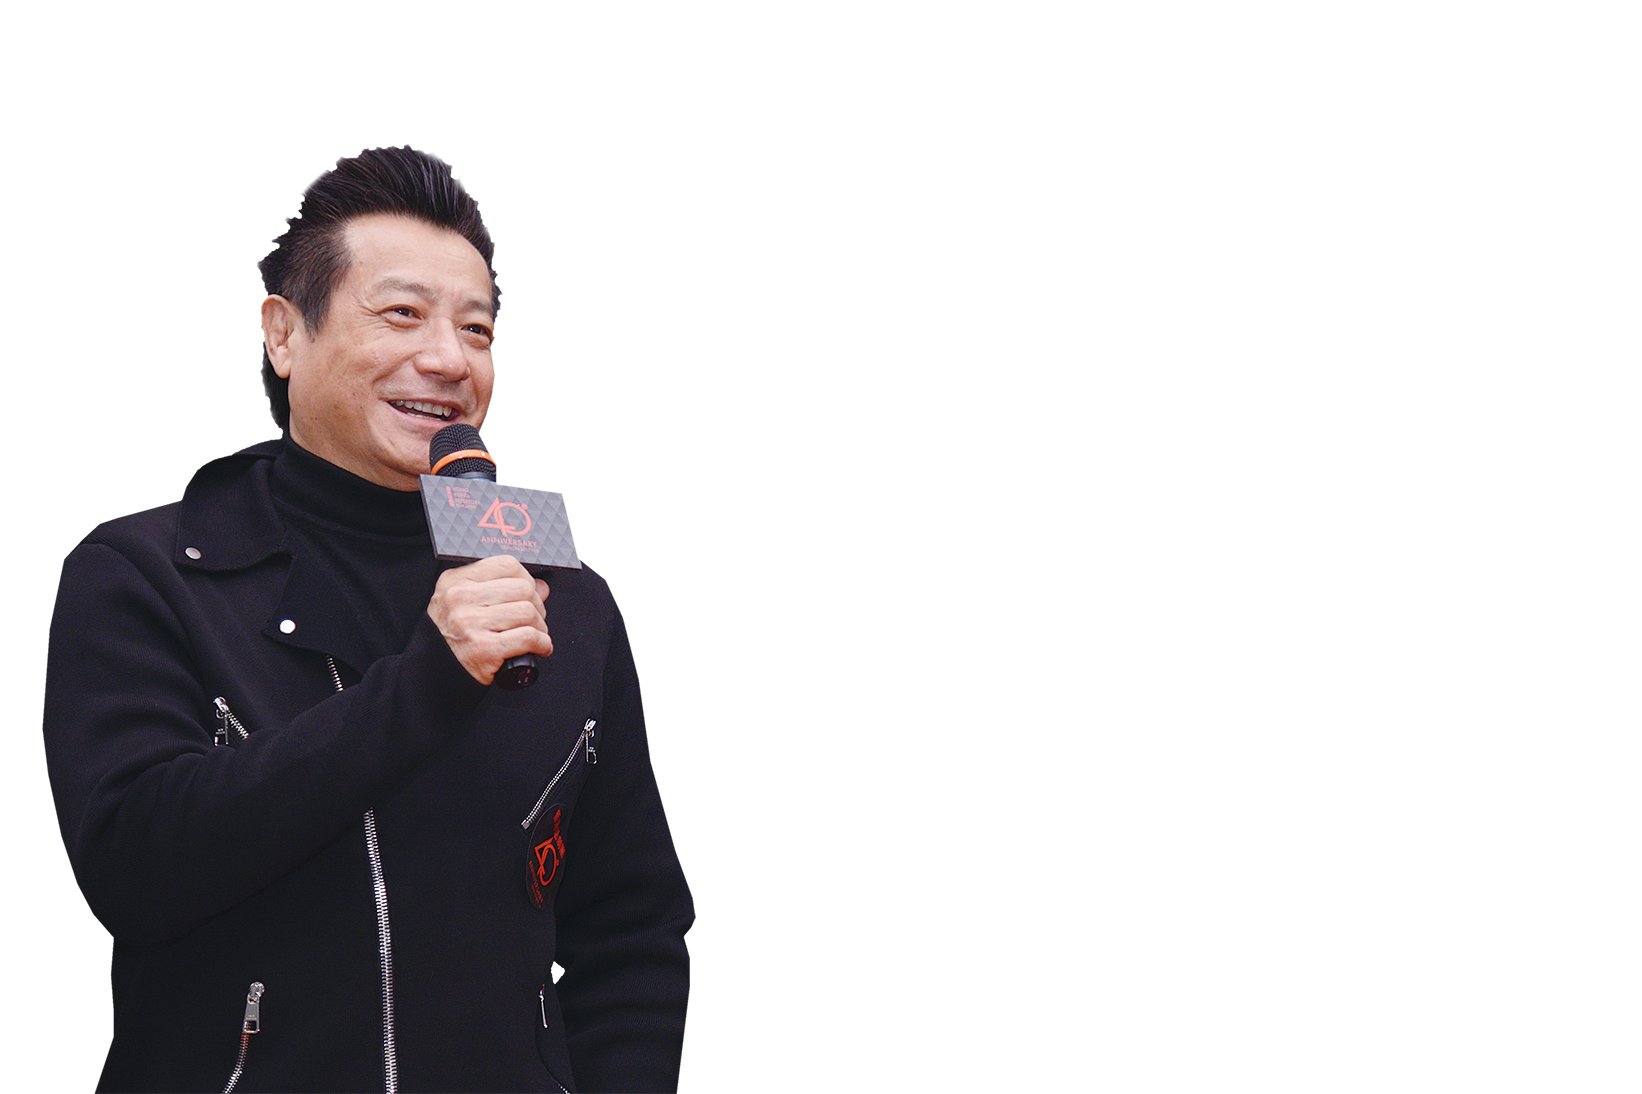 石修將參演由藝術總監陳敢權編劇及執導的《紅梅再世》。(宋碧龍/大紀元)